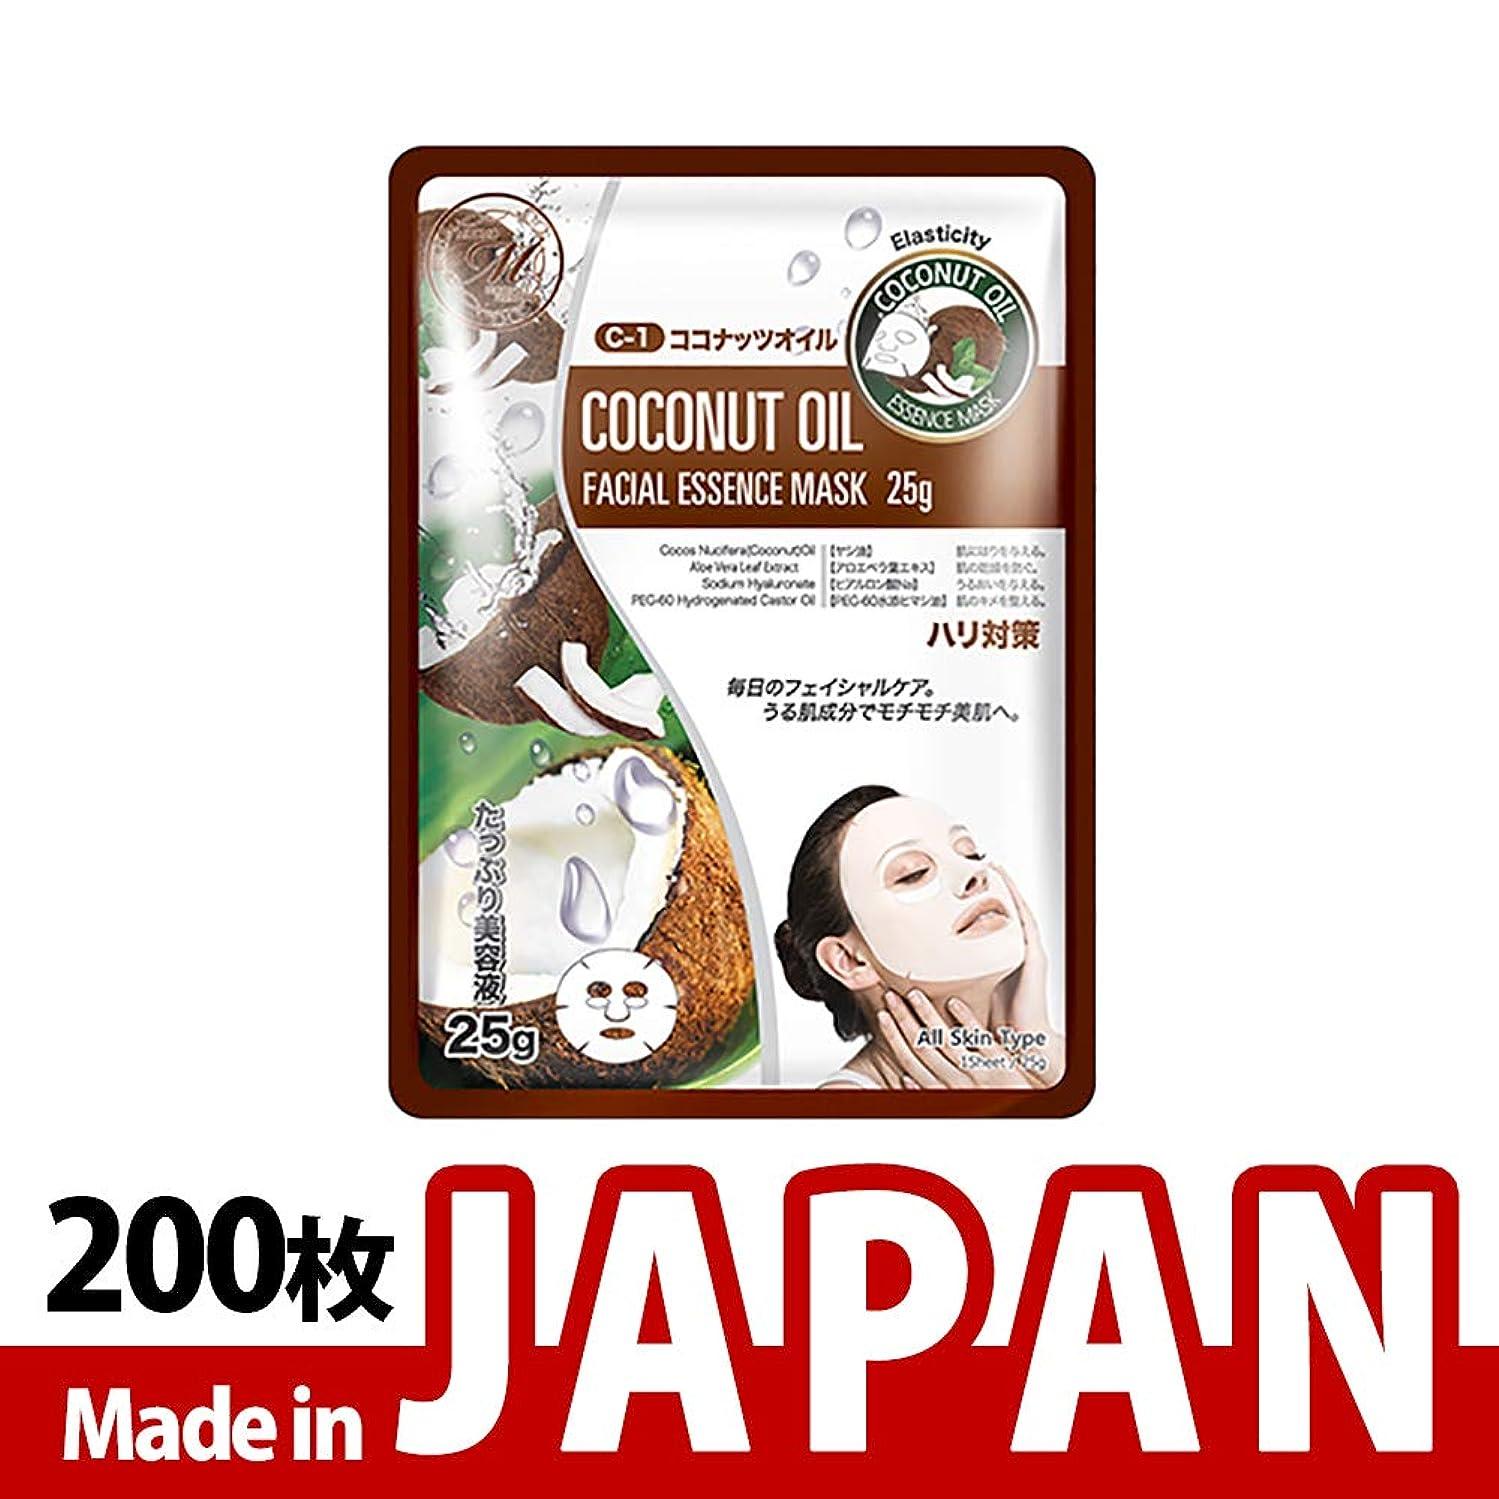 ワイヤー喜びテレックス【MT512-C-1】シートマスク/10枚入り/200枚/美容液/マスクパック/送料無料